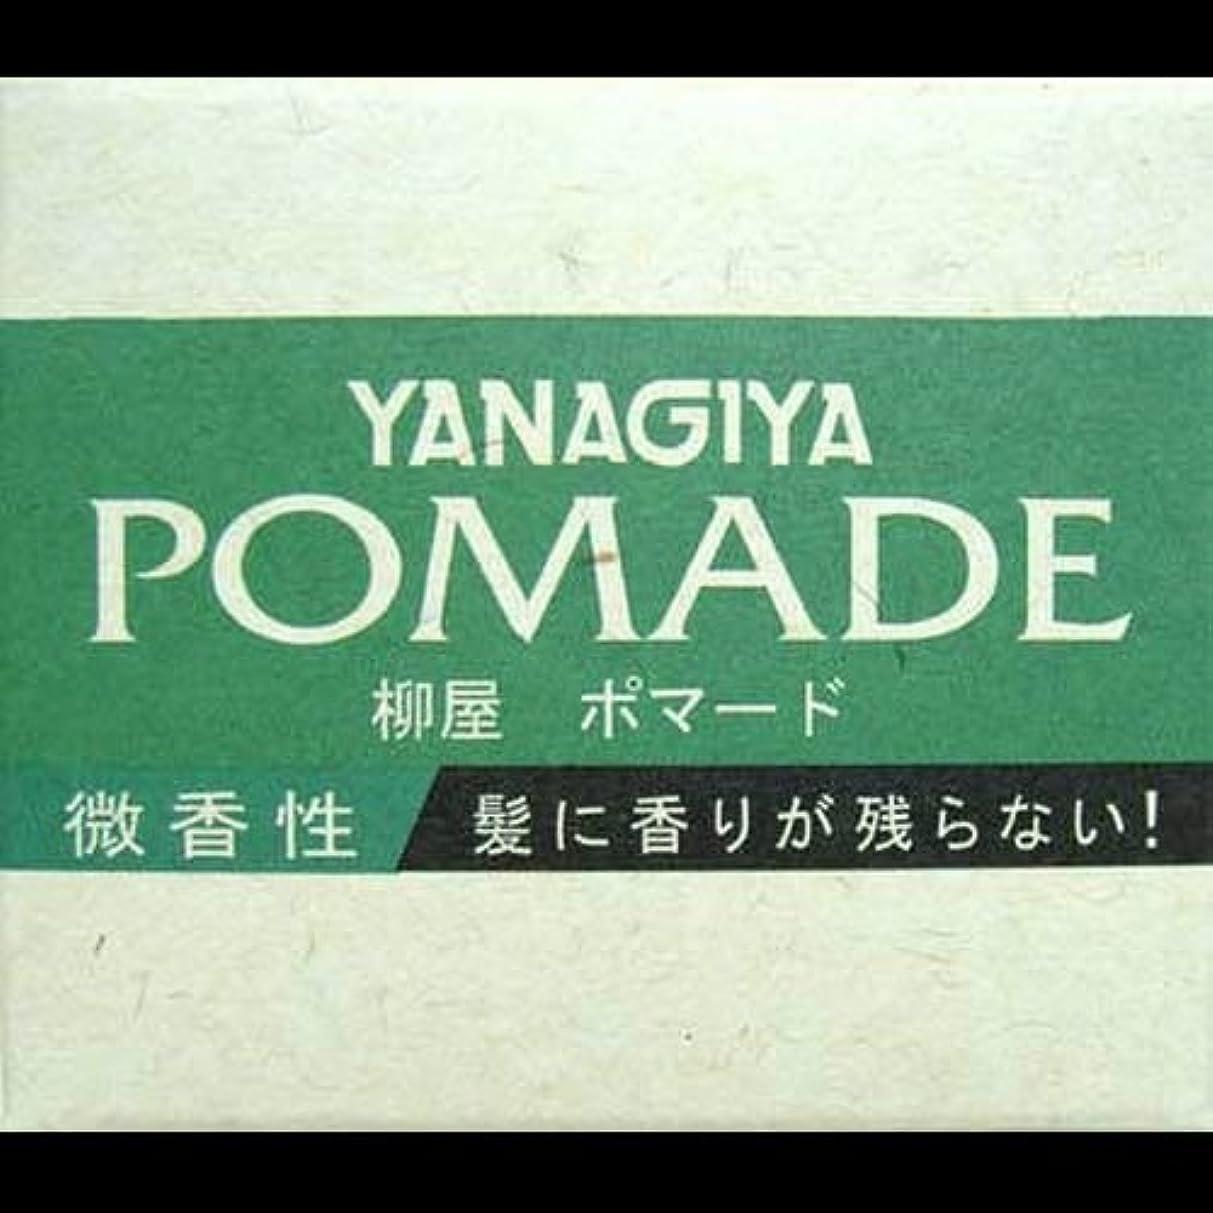 告発者法王フレキシブル【まとめ買い】柳屋 ポマード微香性120g ×2セット